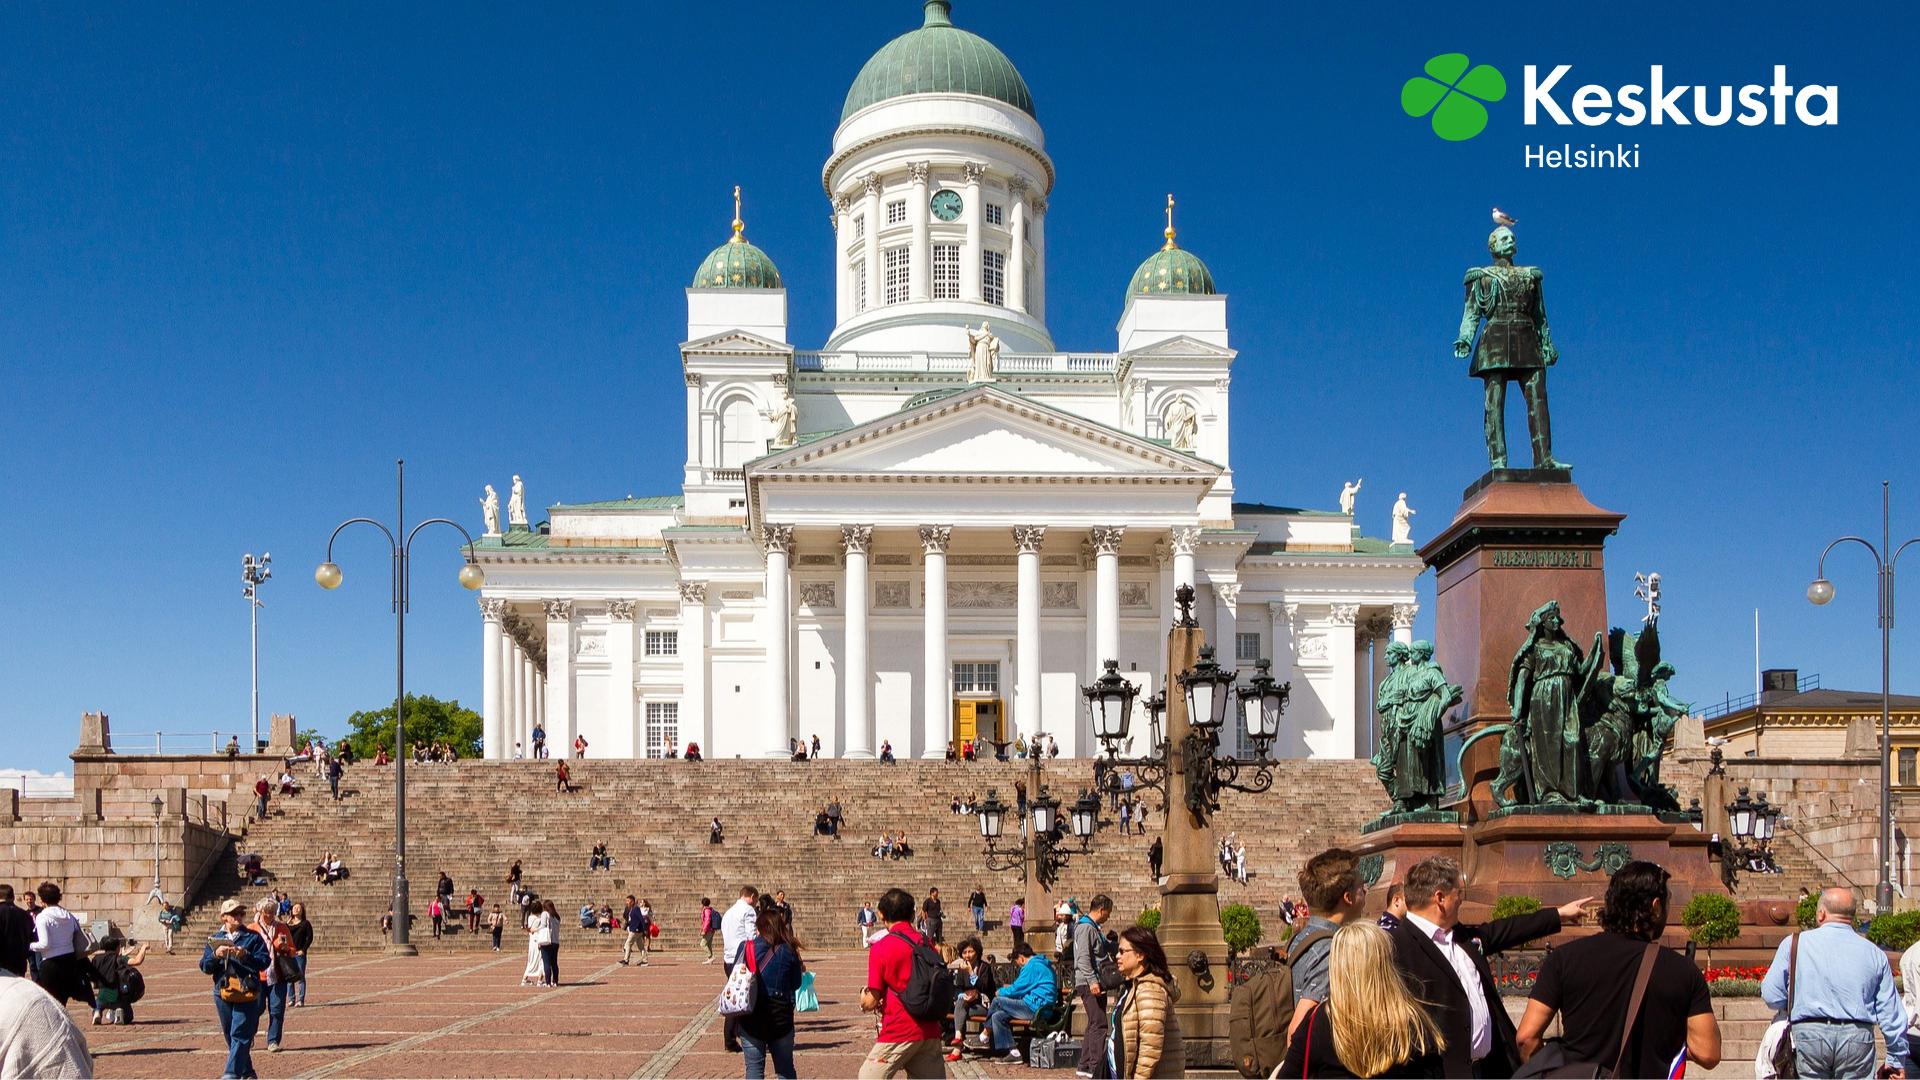 Ihmisiä Tuomiokirkon edessä Helsingissä